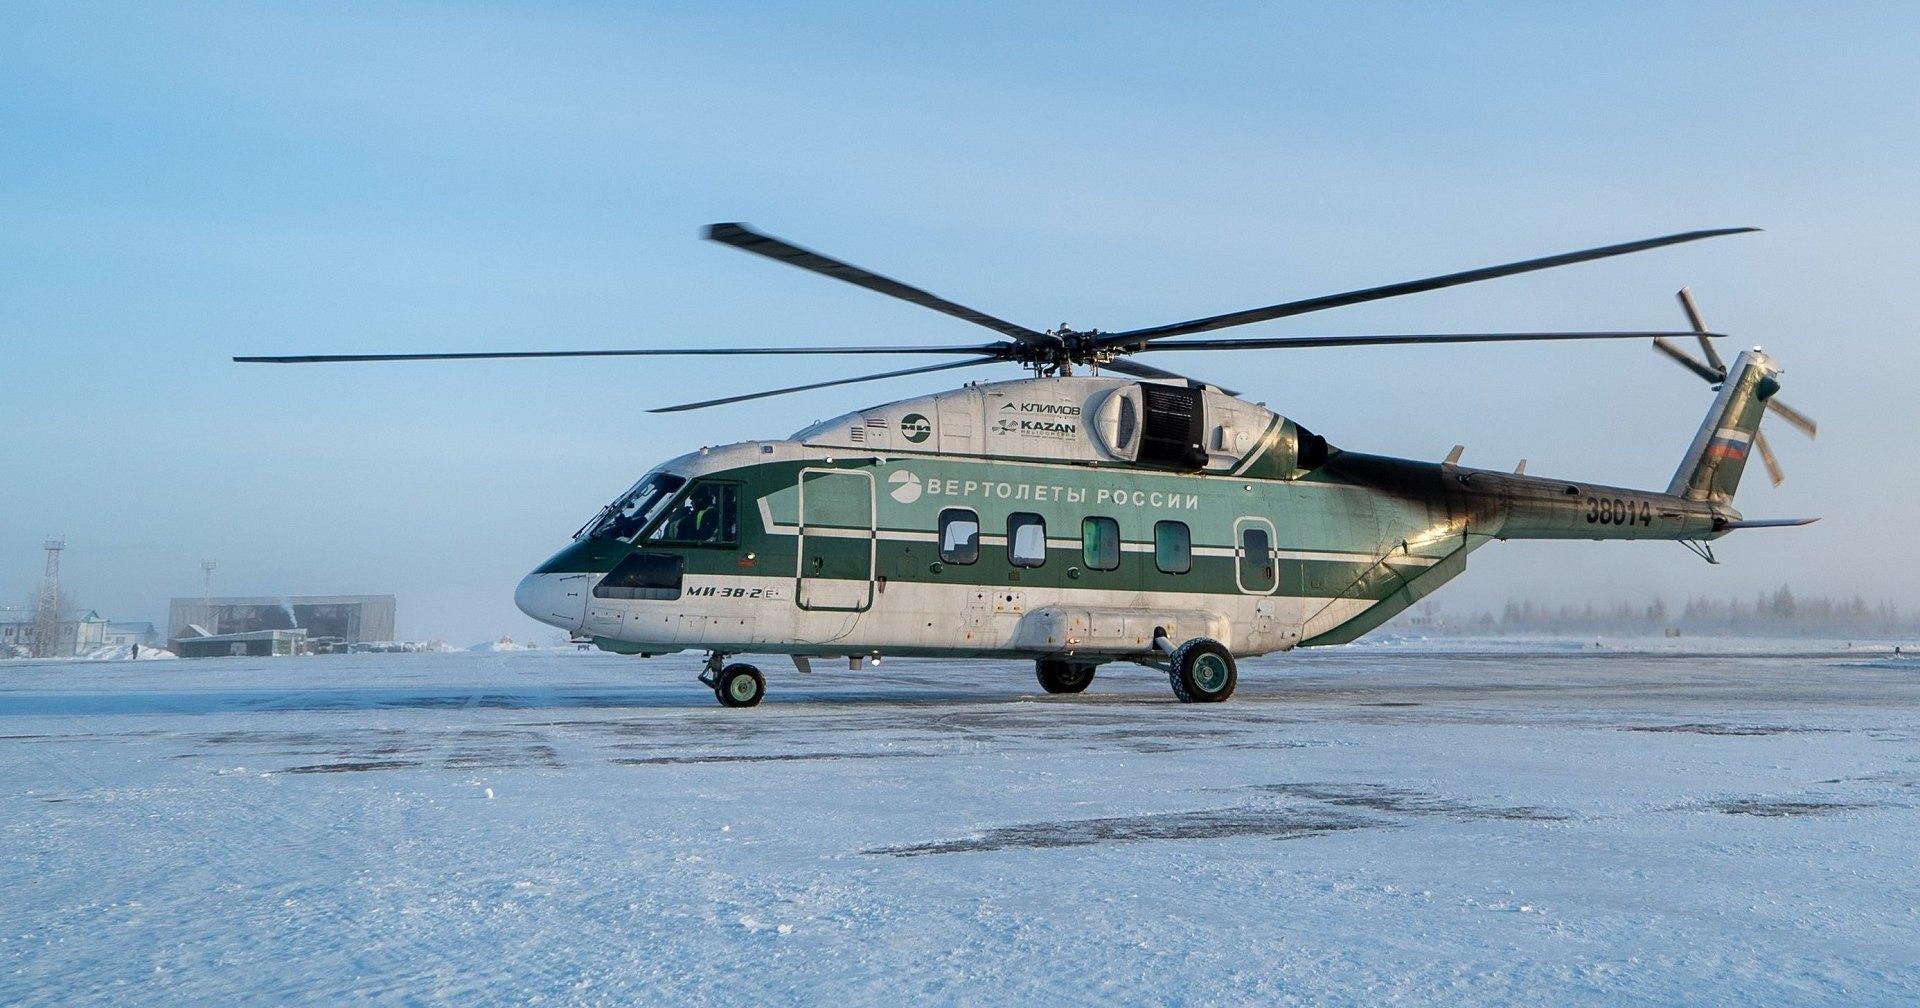 Двигатель Ми-38 испытали обледенением